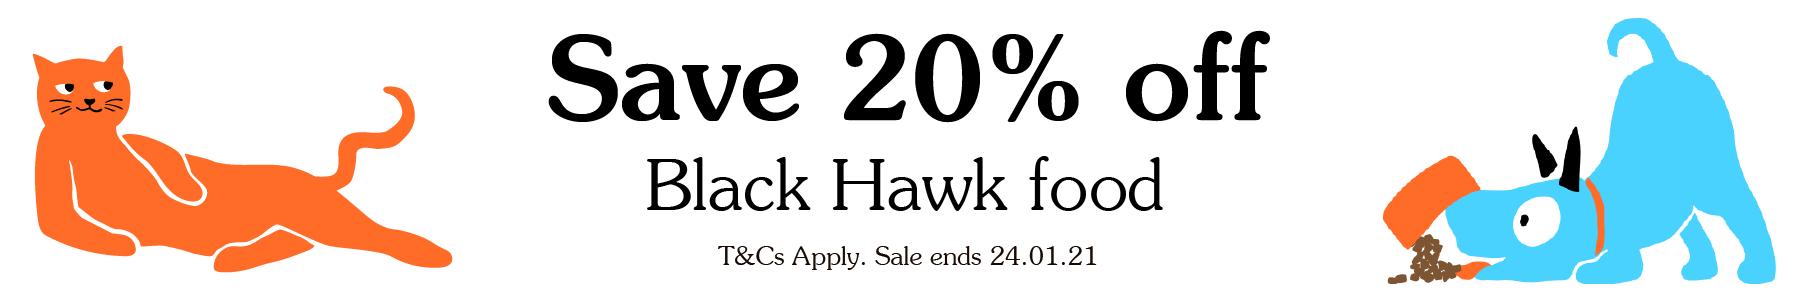 black-hawk-20-off.png